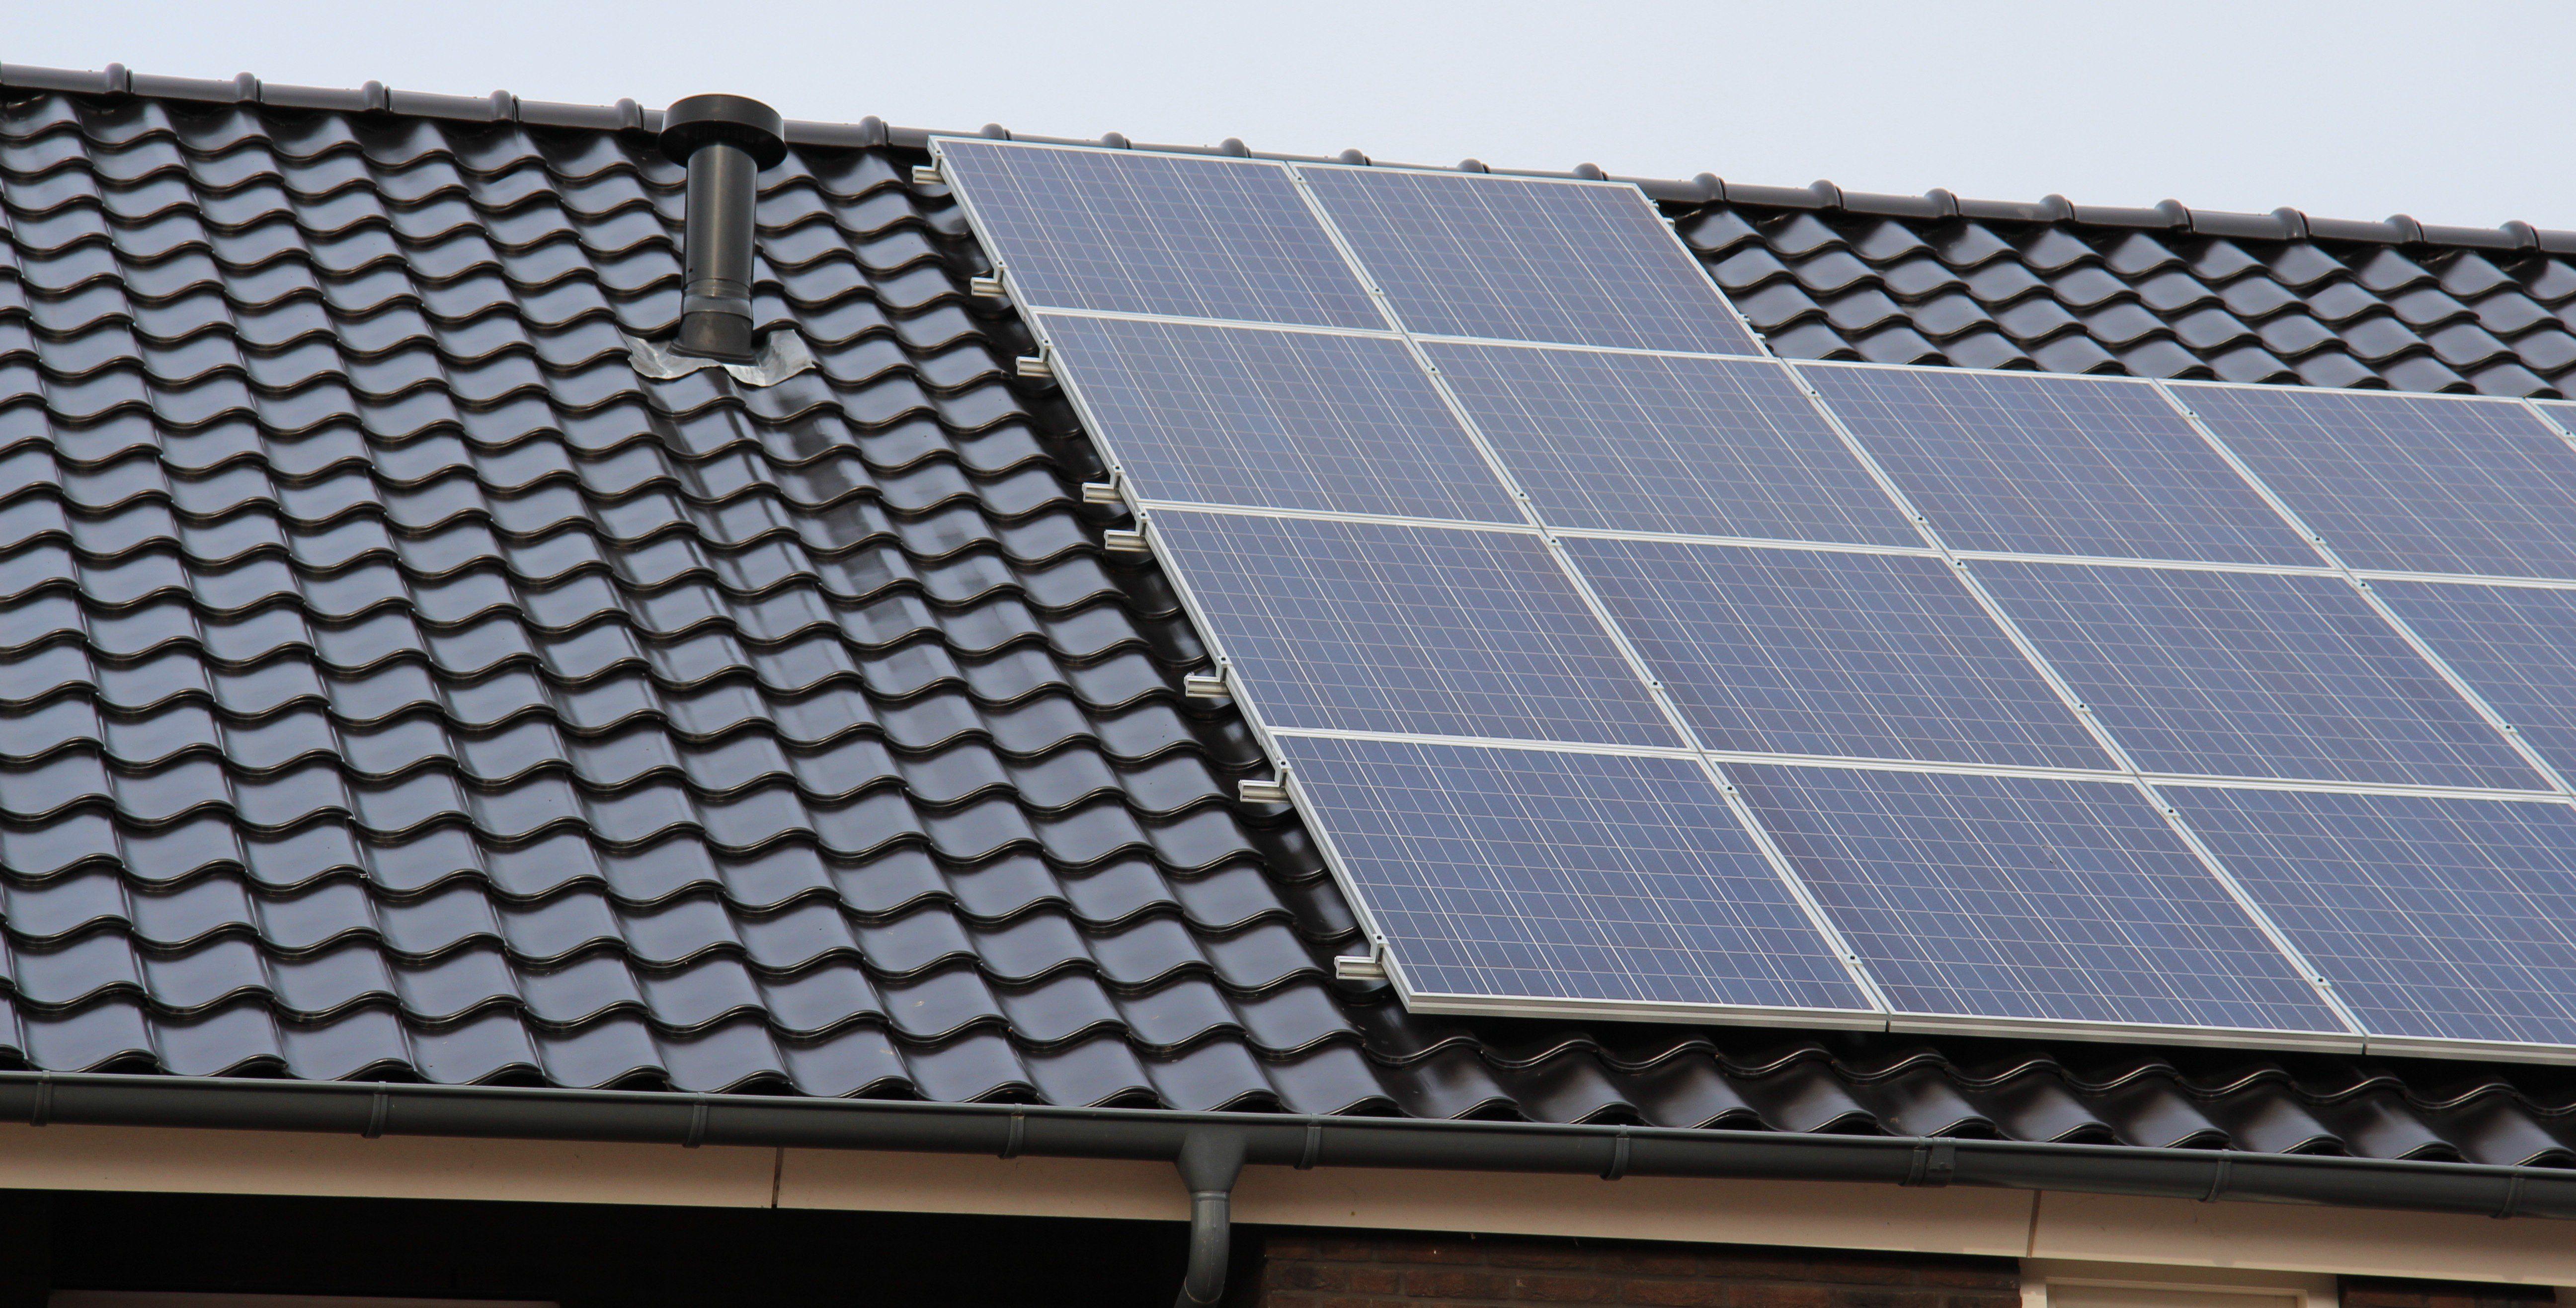 PV-panelen bouwfout